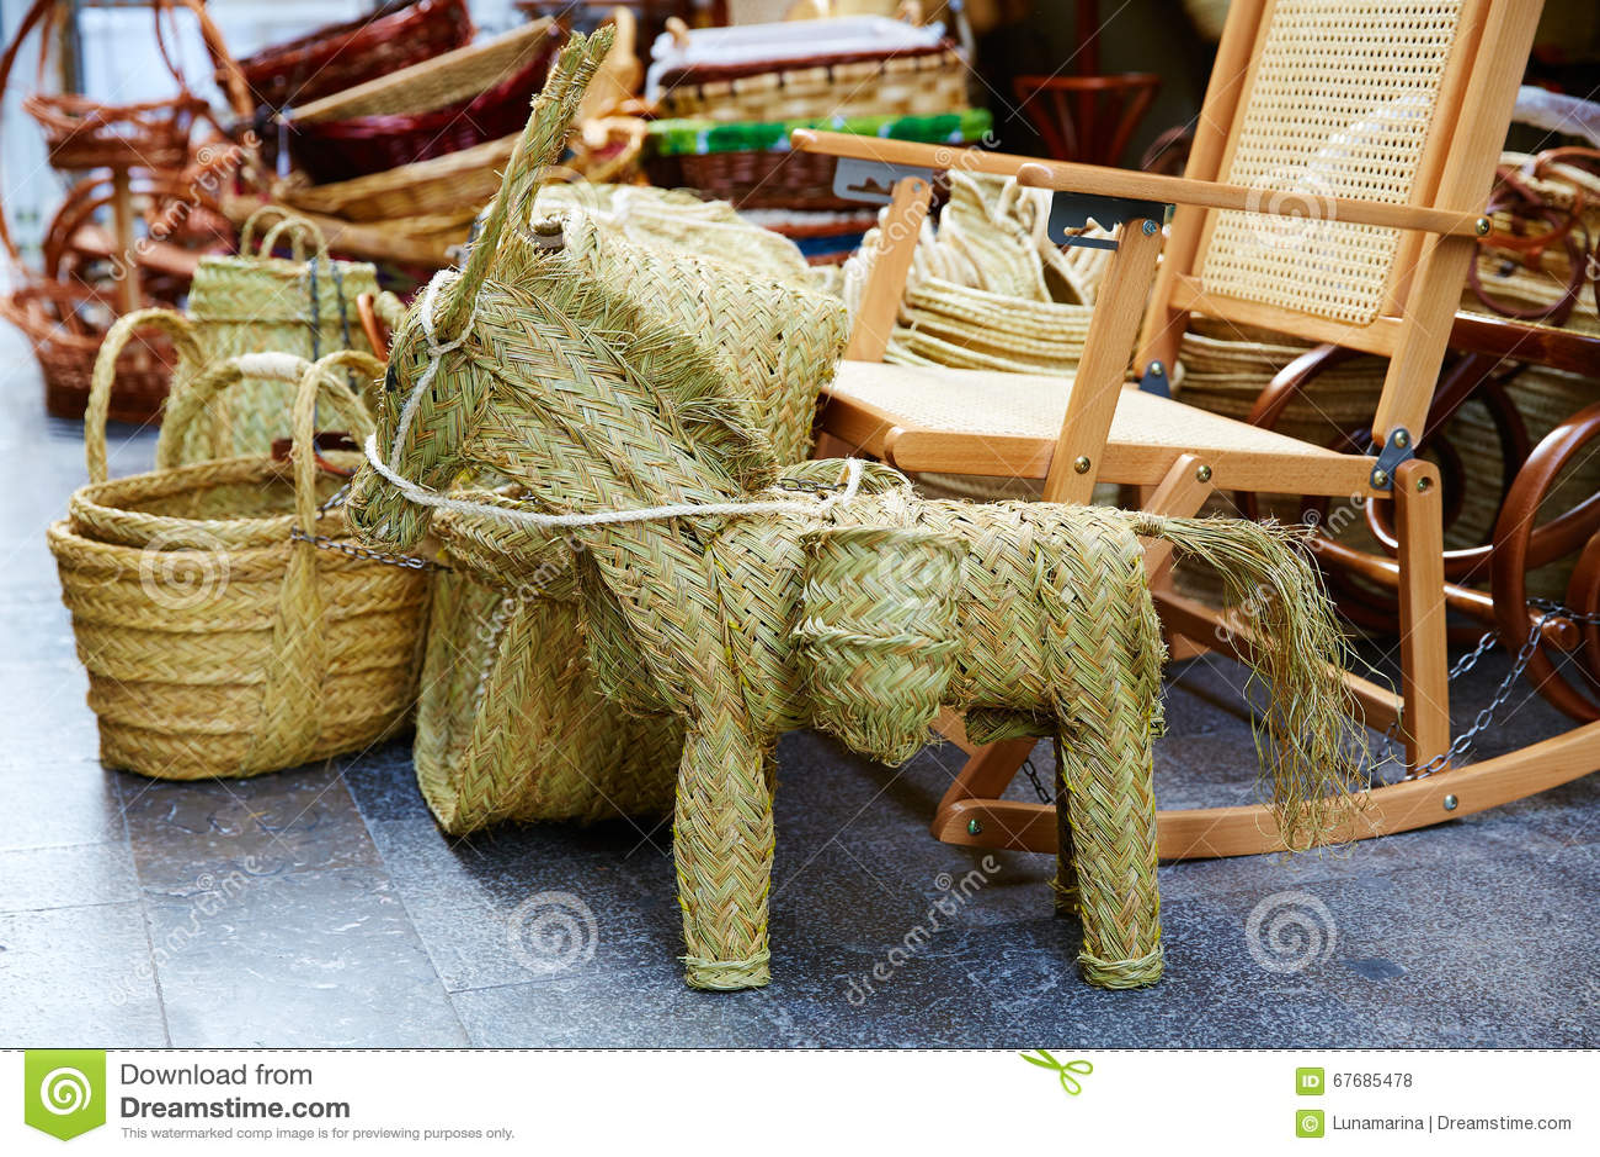 Cestas y caballo de esparto de la artesan a de la alfa de - Artesania esparto ...